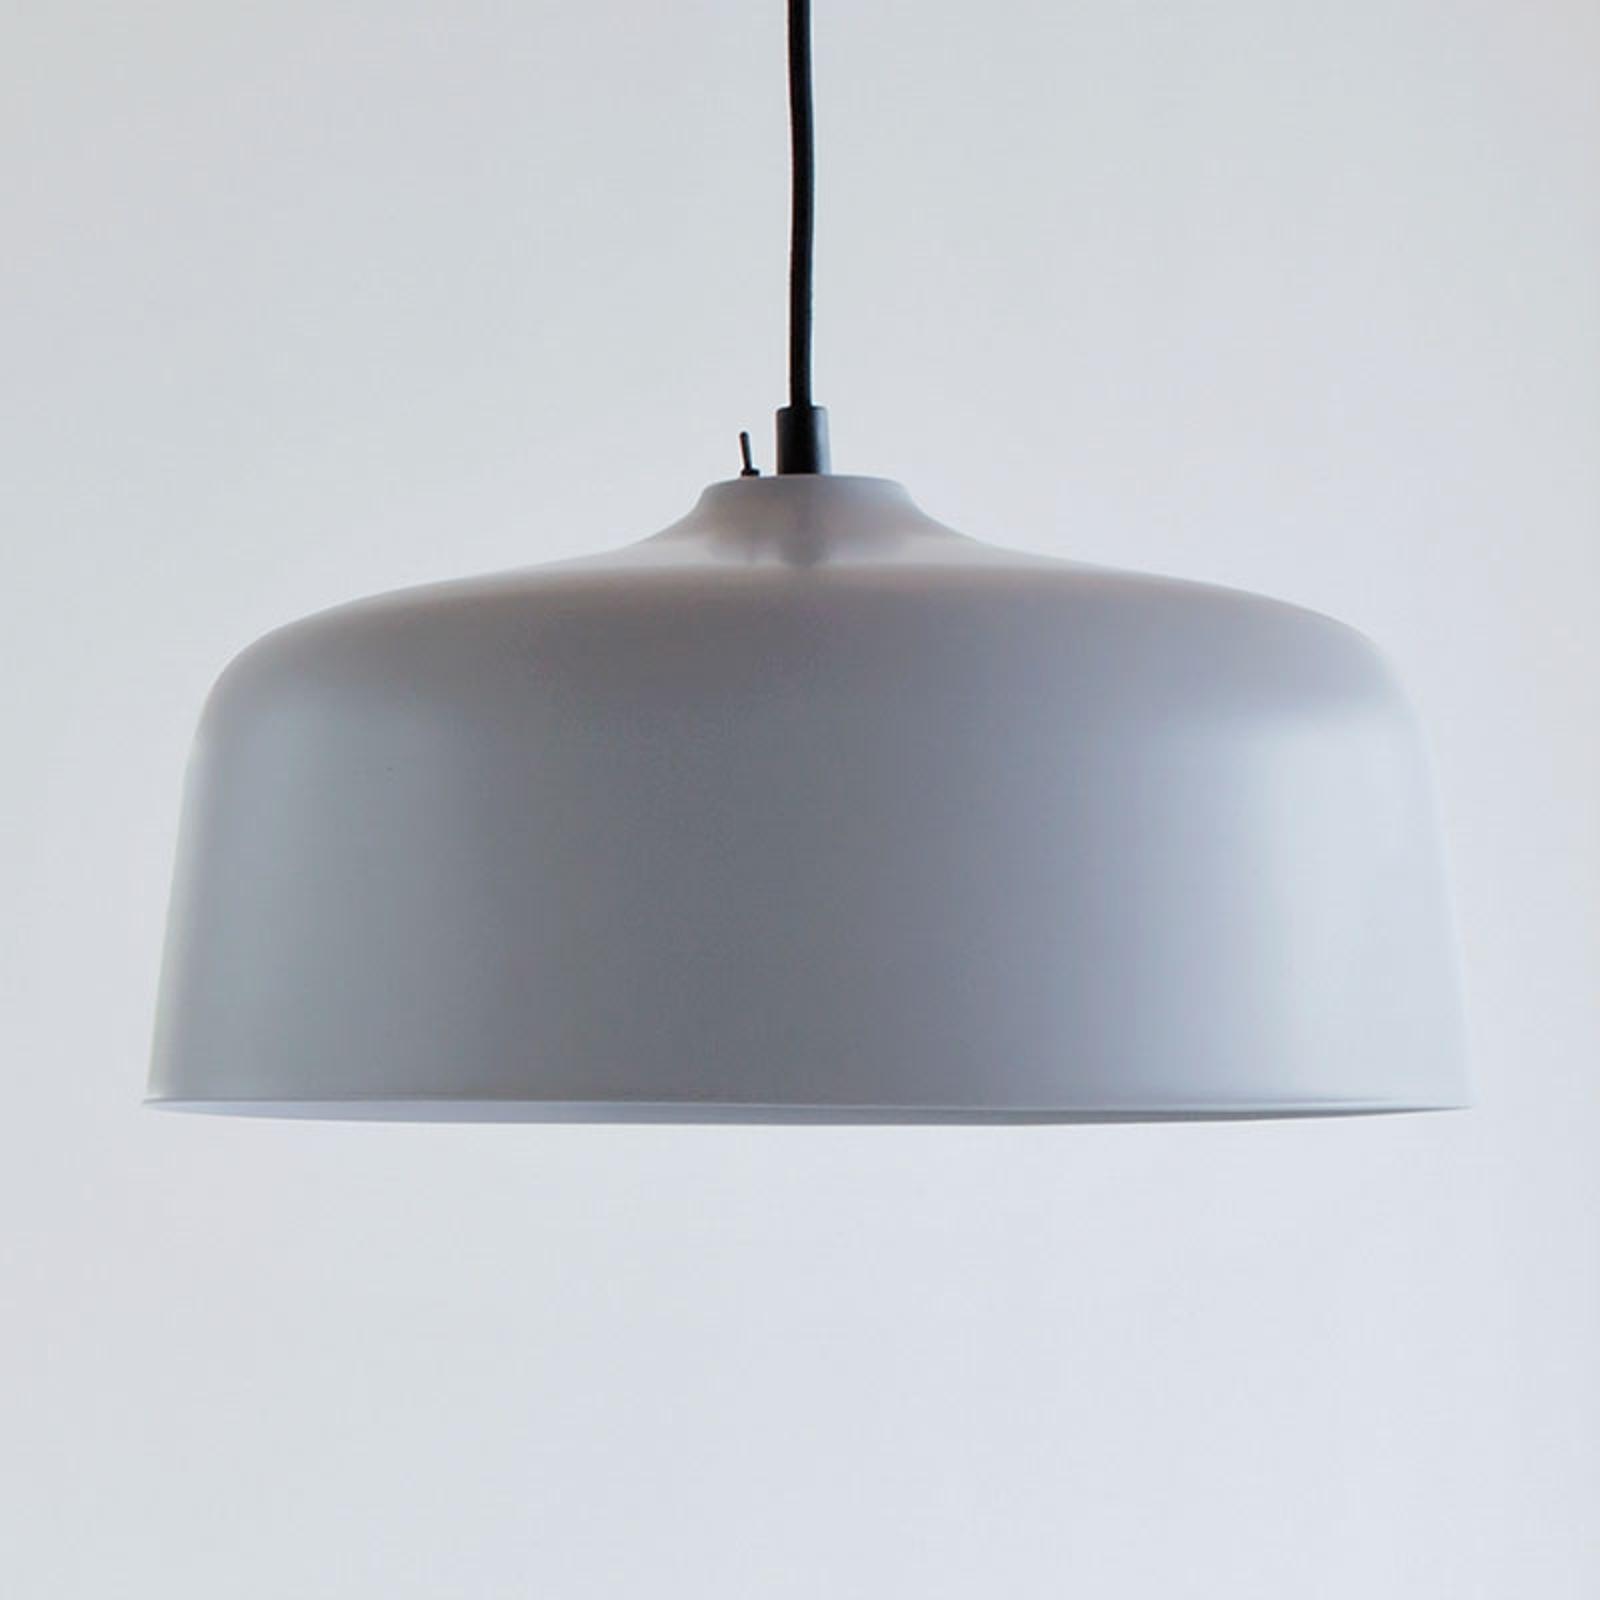 Innolux Candeo therapielicht-hanglamp grijs